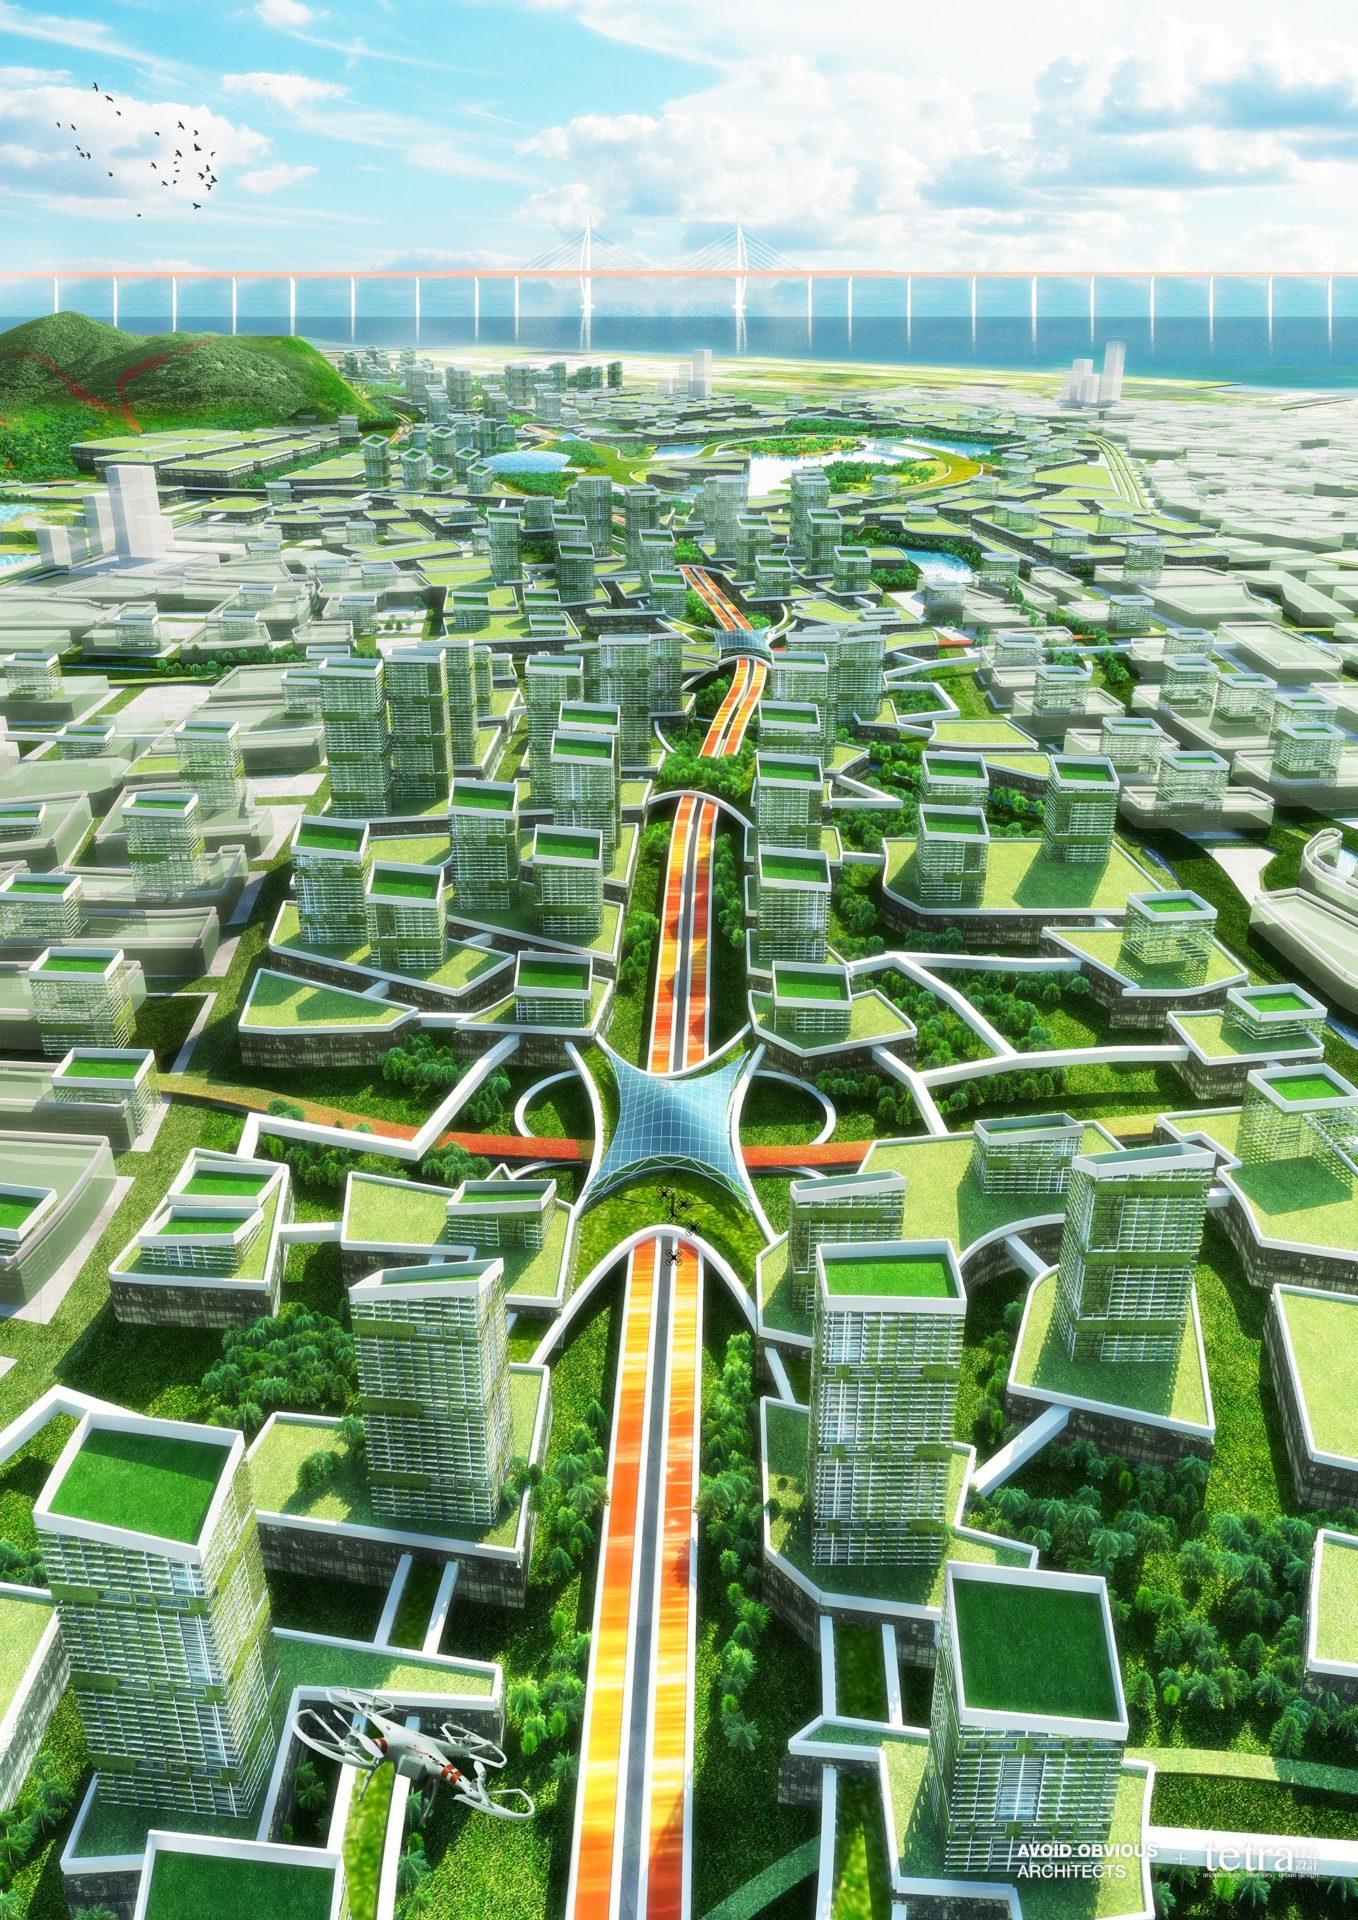 Бизнес-идея №5918. Мультимодальная транспортная система